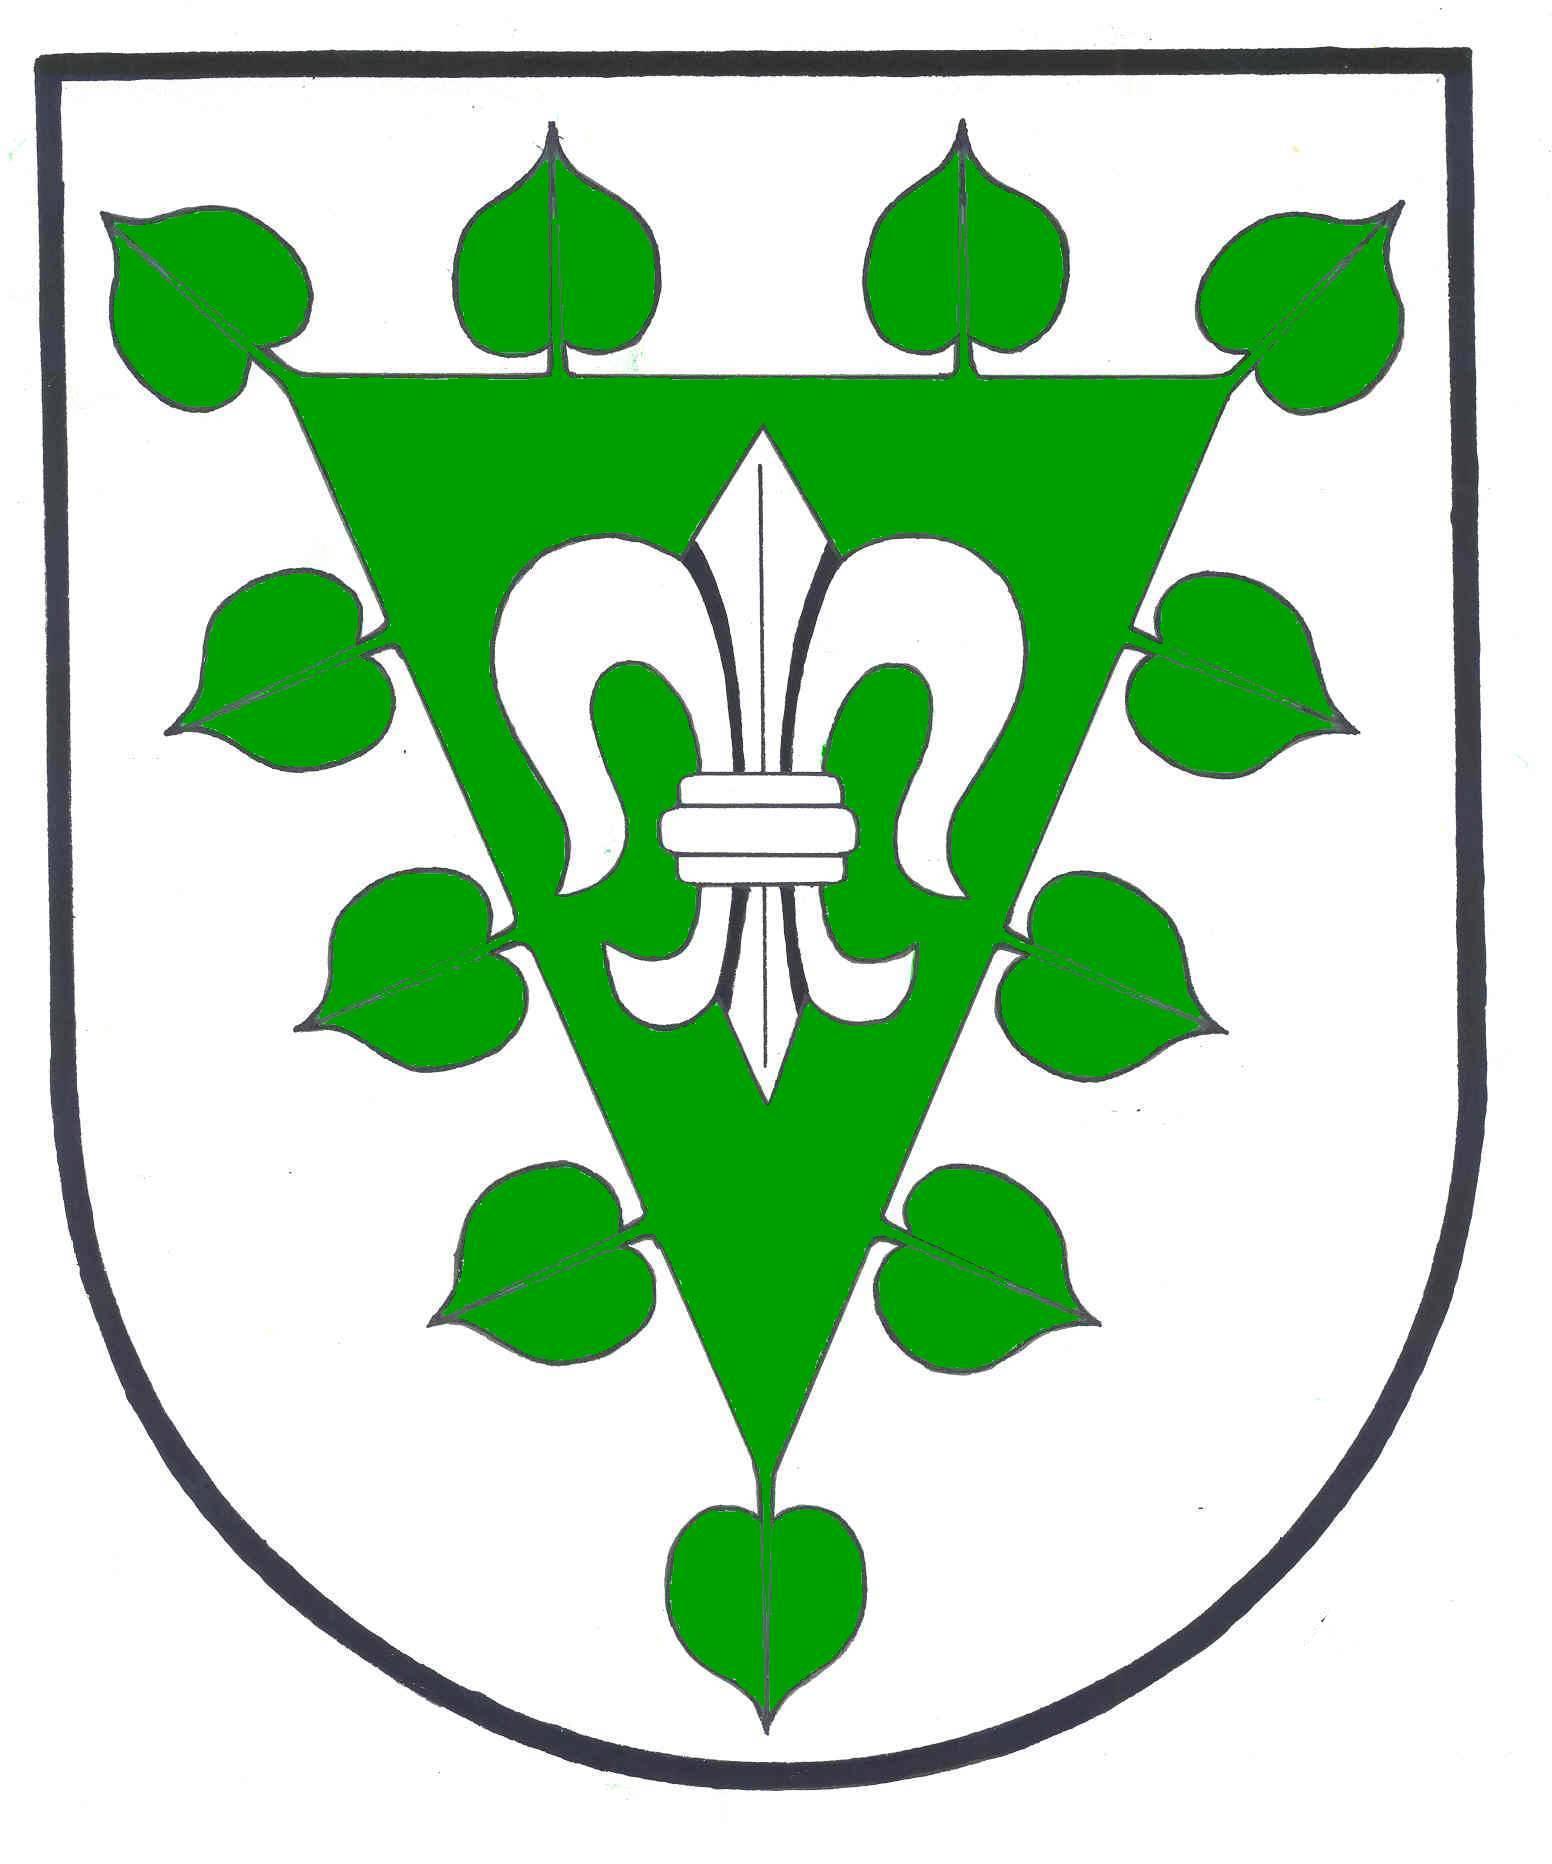 Wappen GemeindeWiershop, Kreis Herzogtum Lauenburg